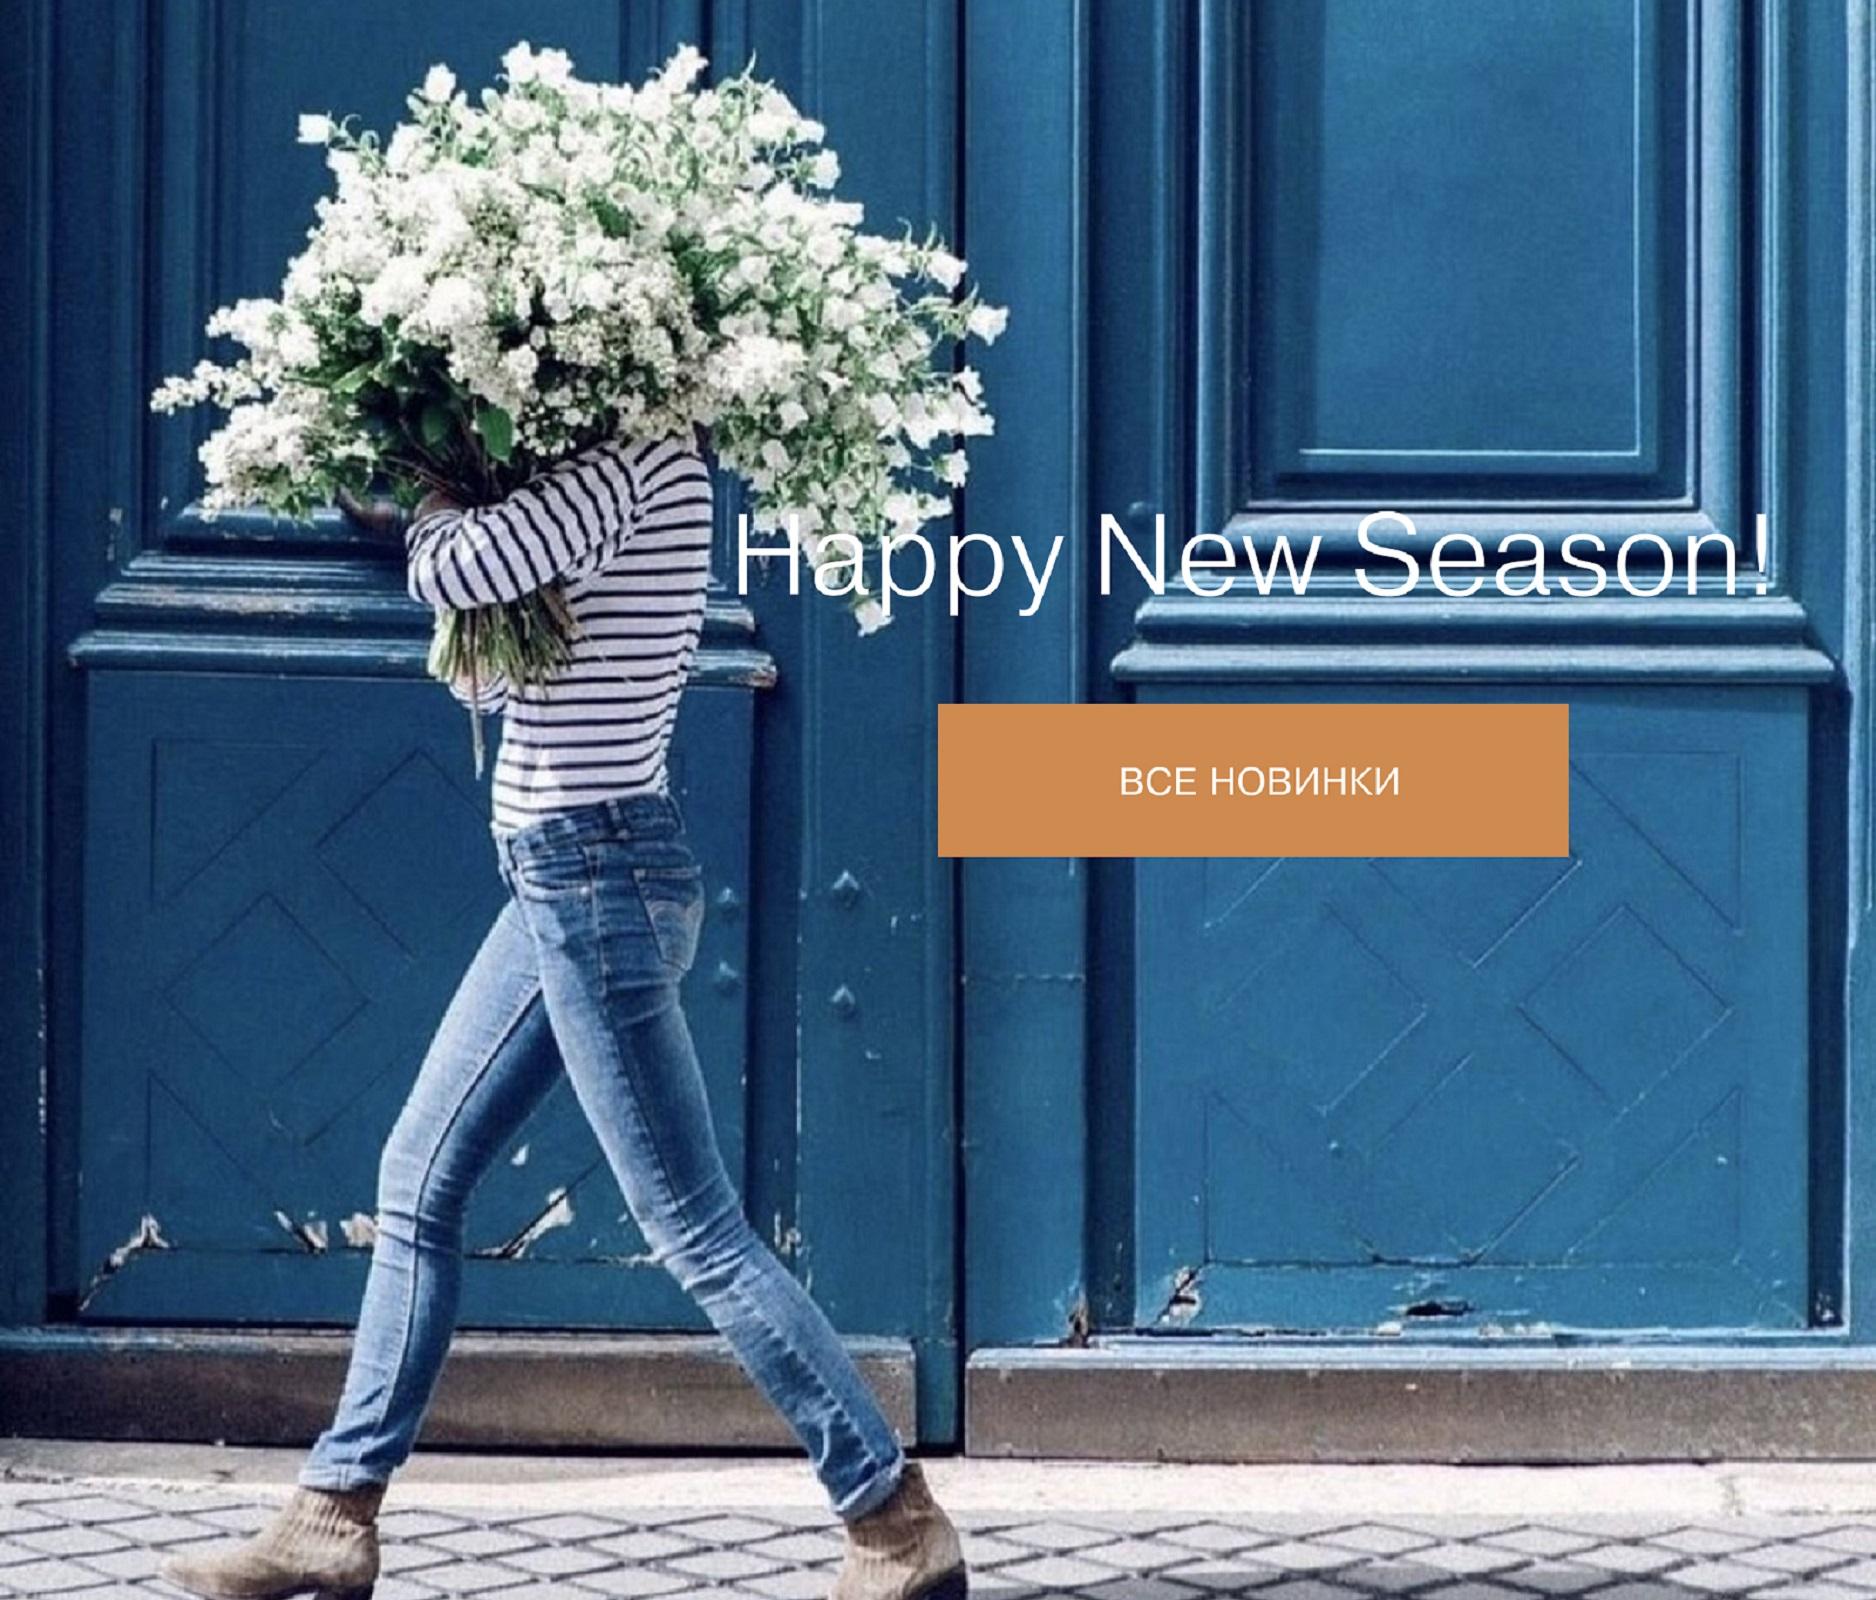 54623bcc2a9 Aprilmoscow.ru - интернет магазин женской одежды (официальный сайт)